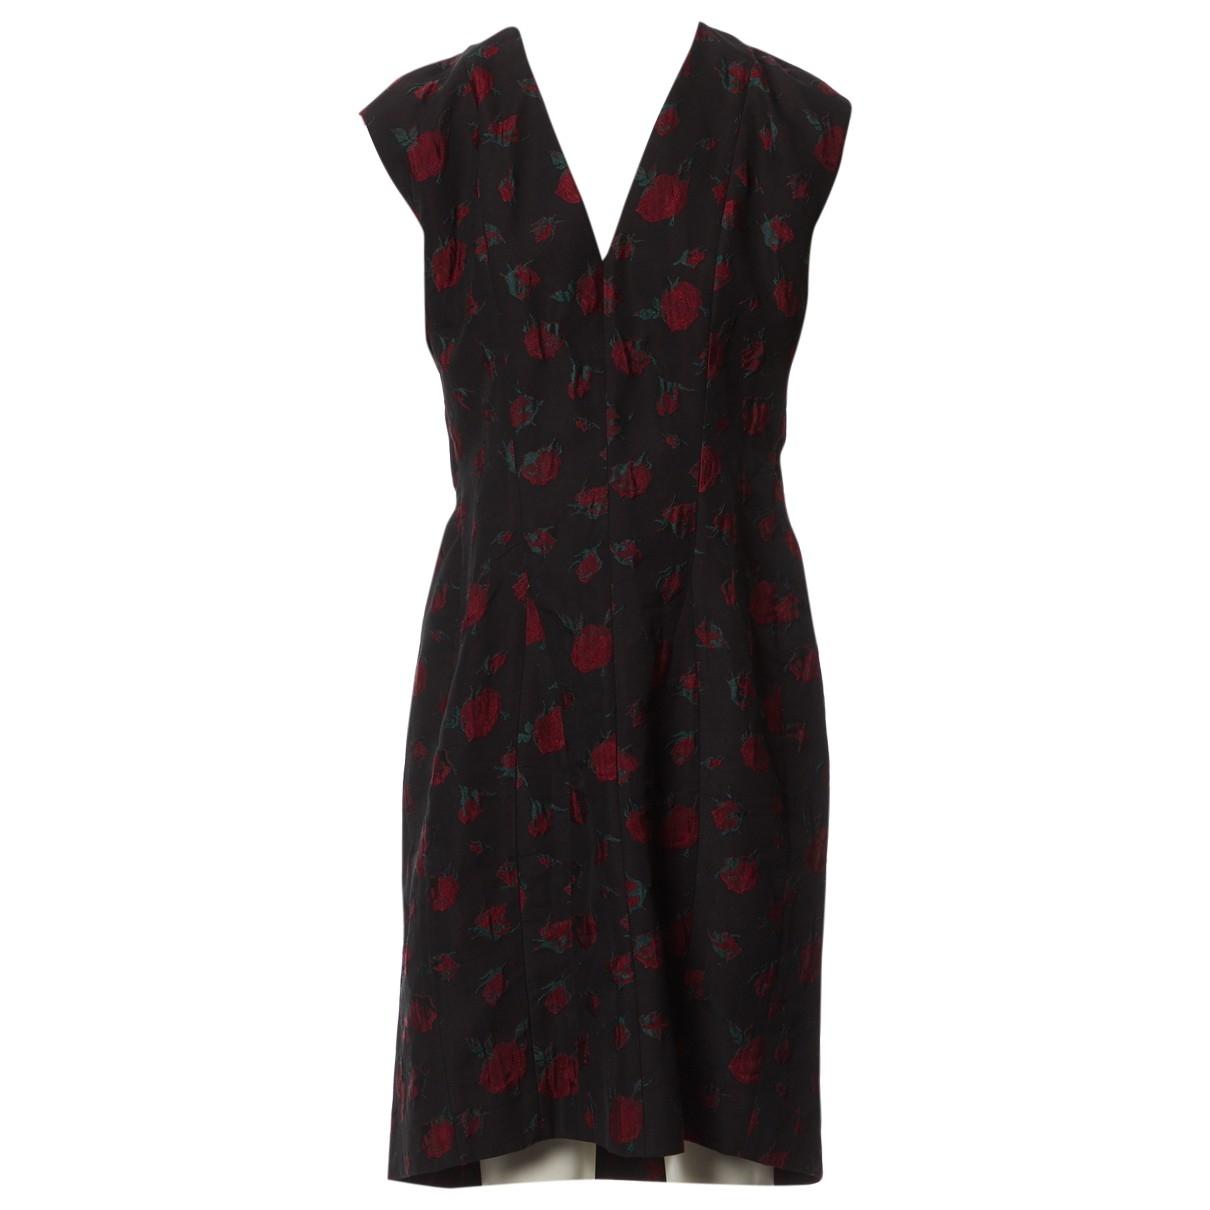 Yves Saint Laurent \N Black Cotton dress for Women 44 FR